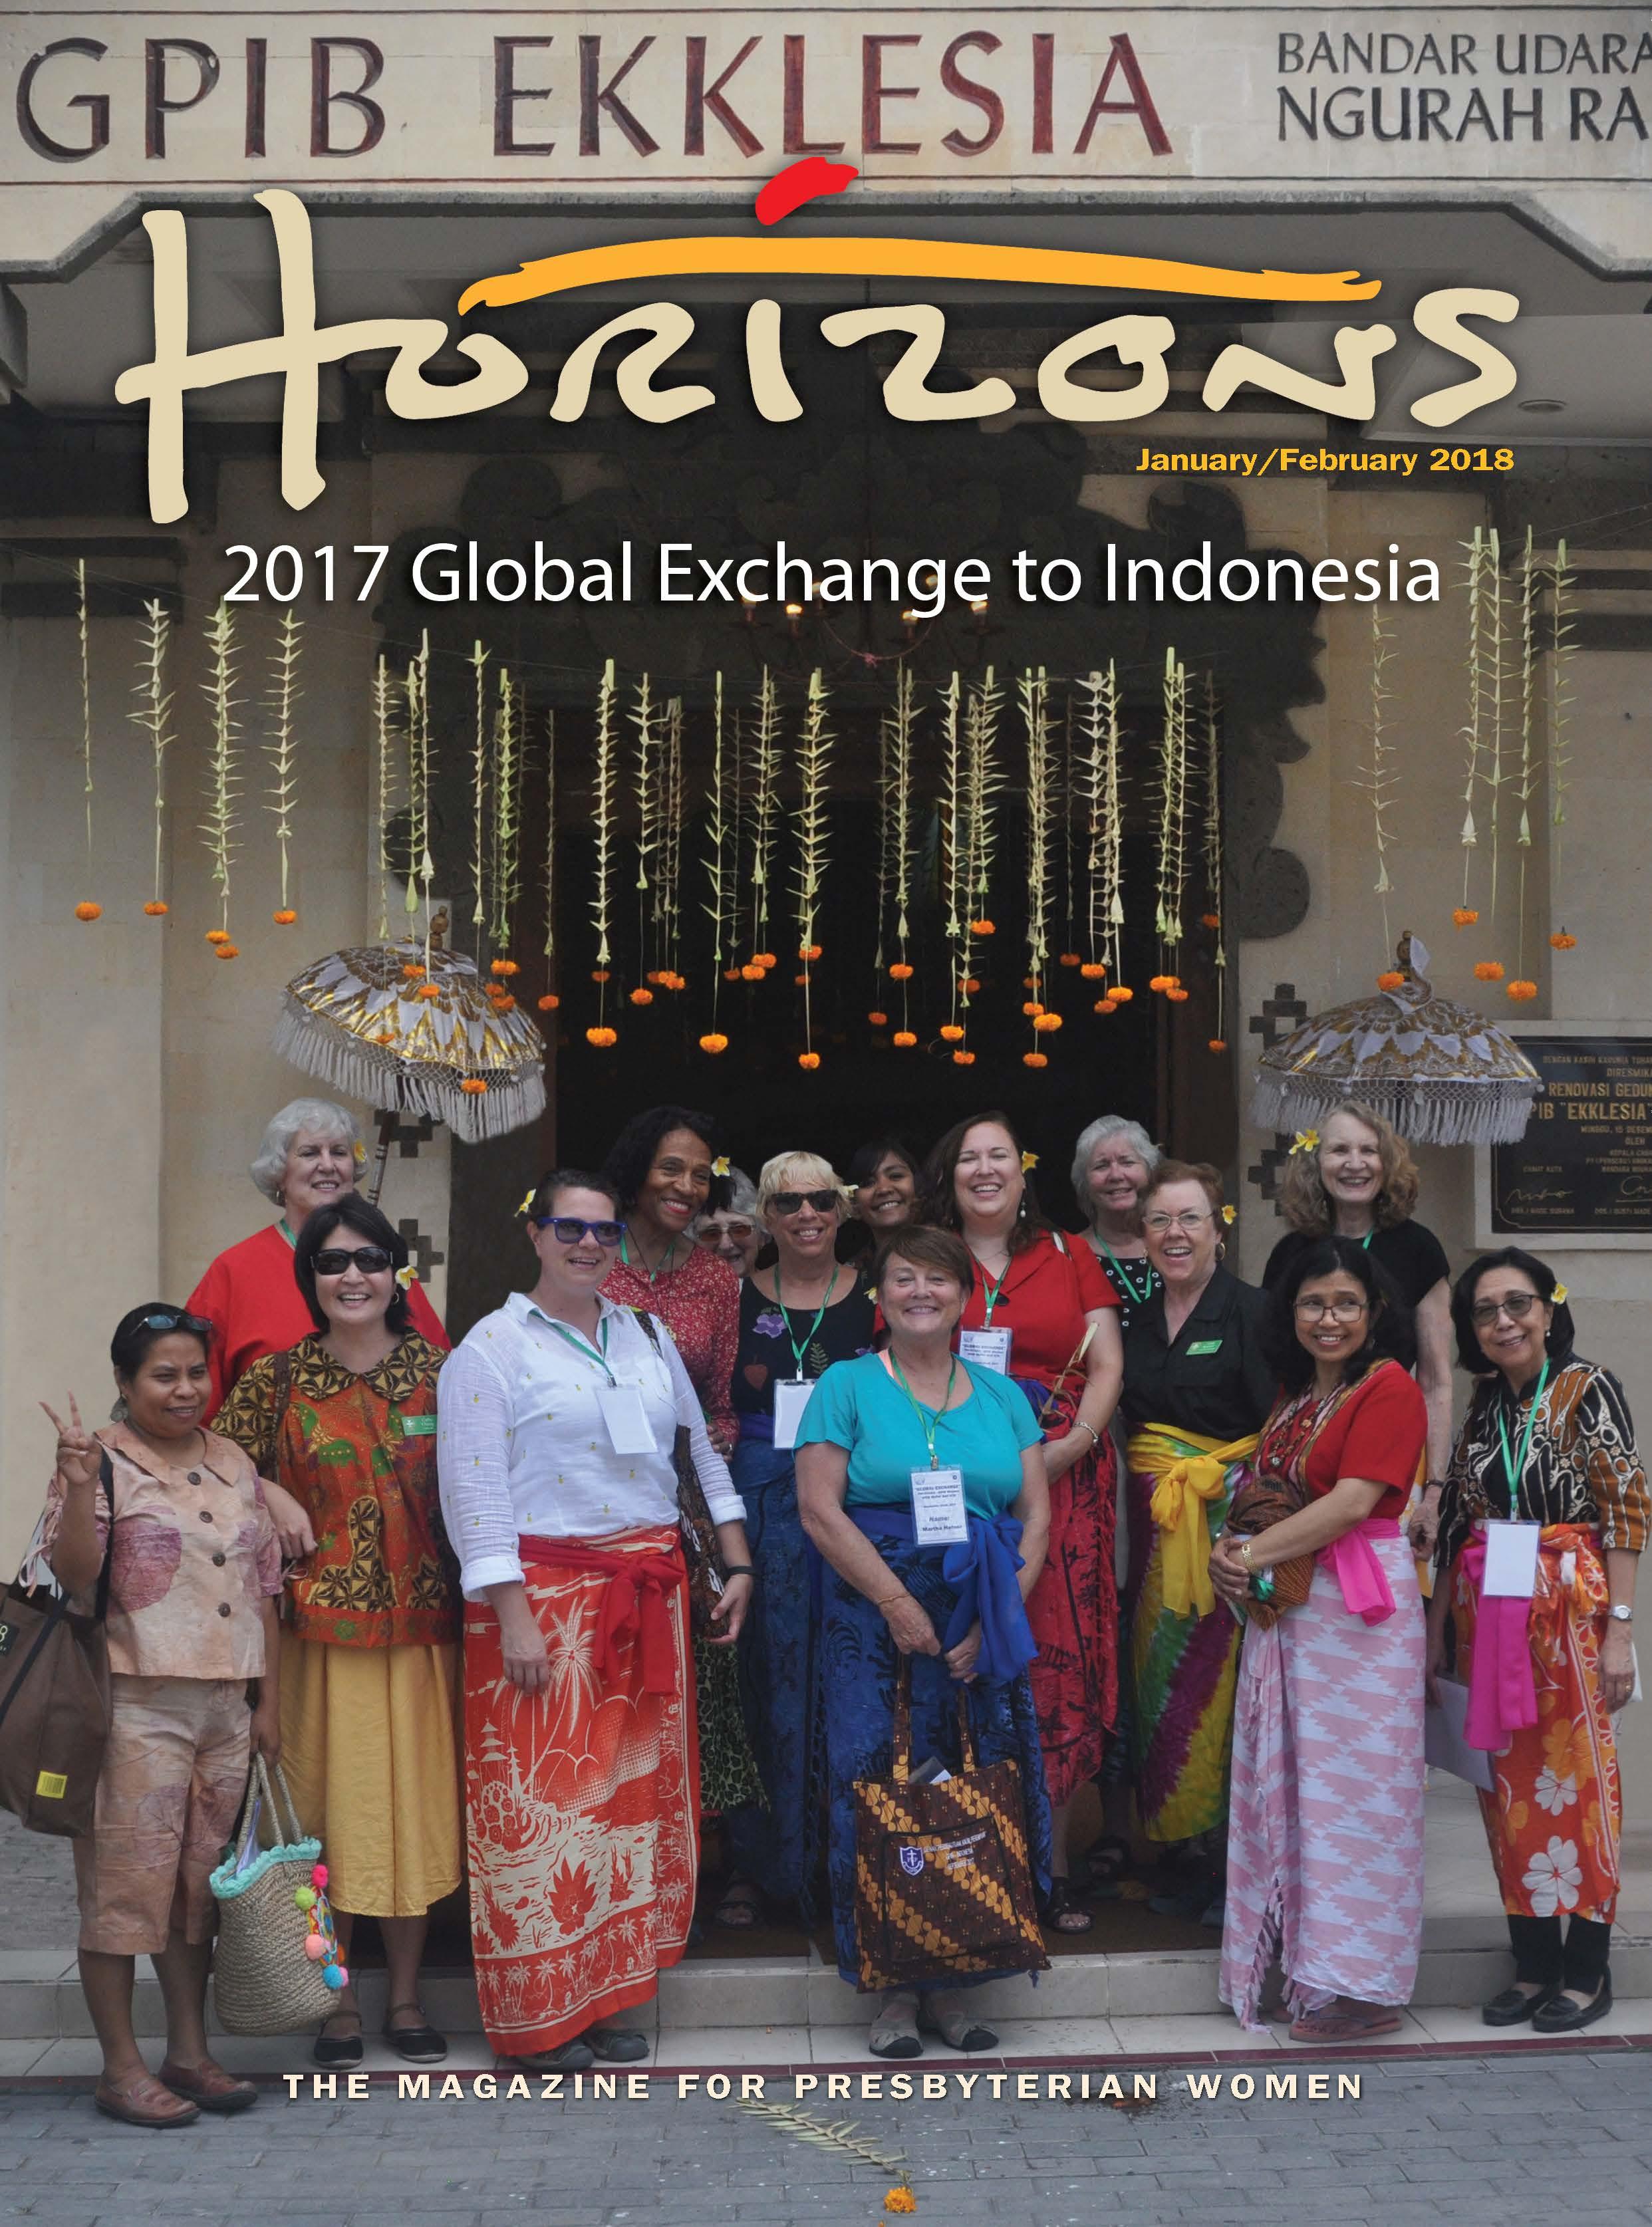 2017 Global Exchange to Indonesia